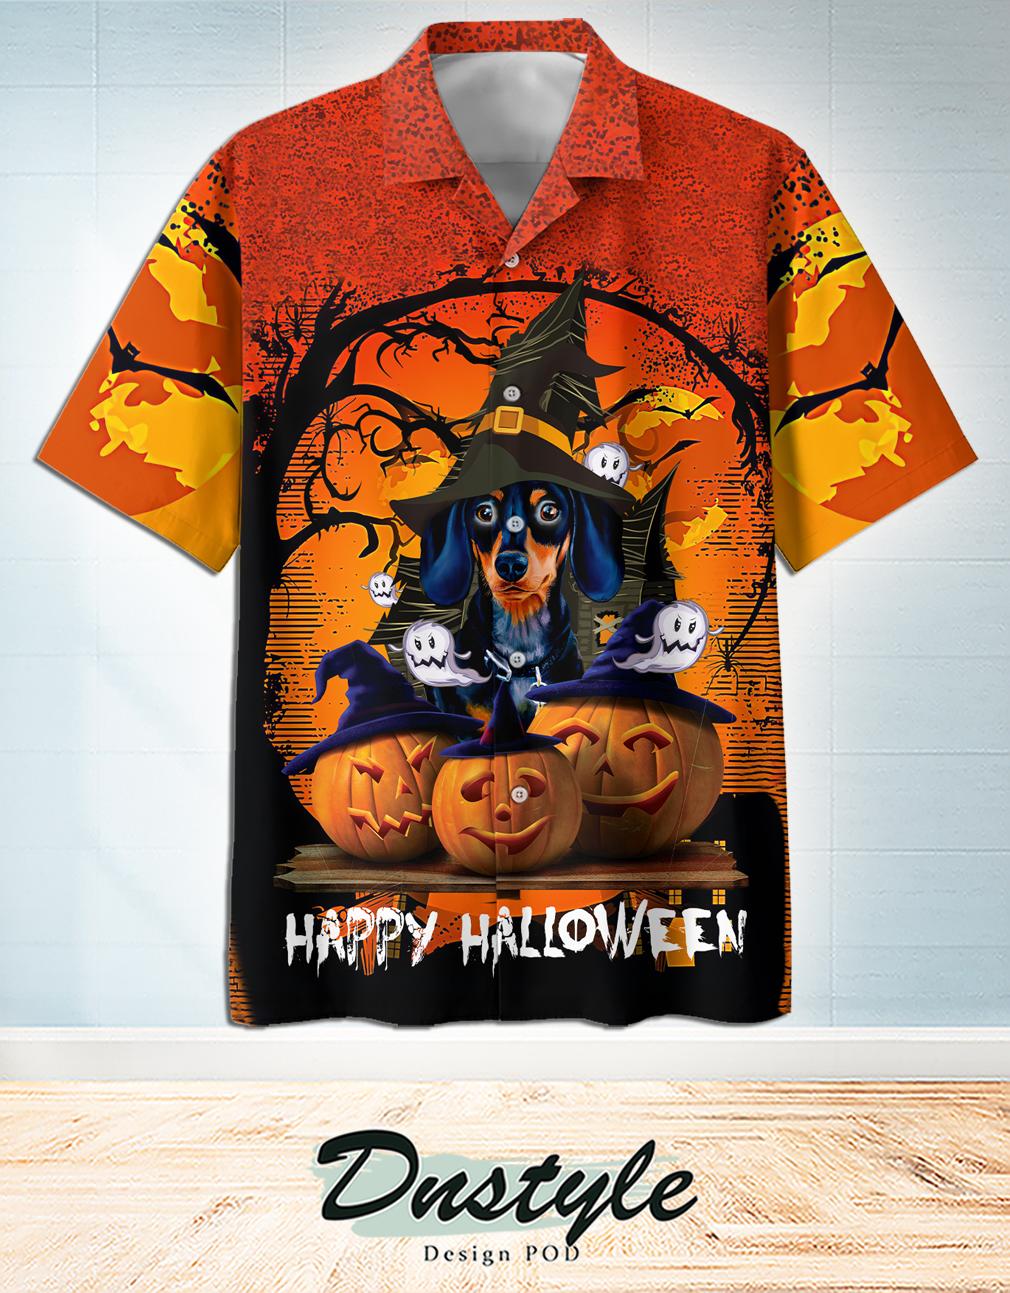 Dachshund and pumkin happy halloween hawaiian shirt